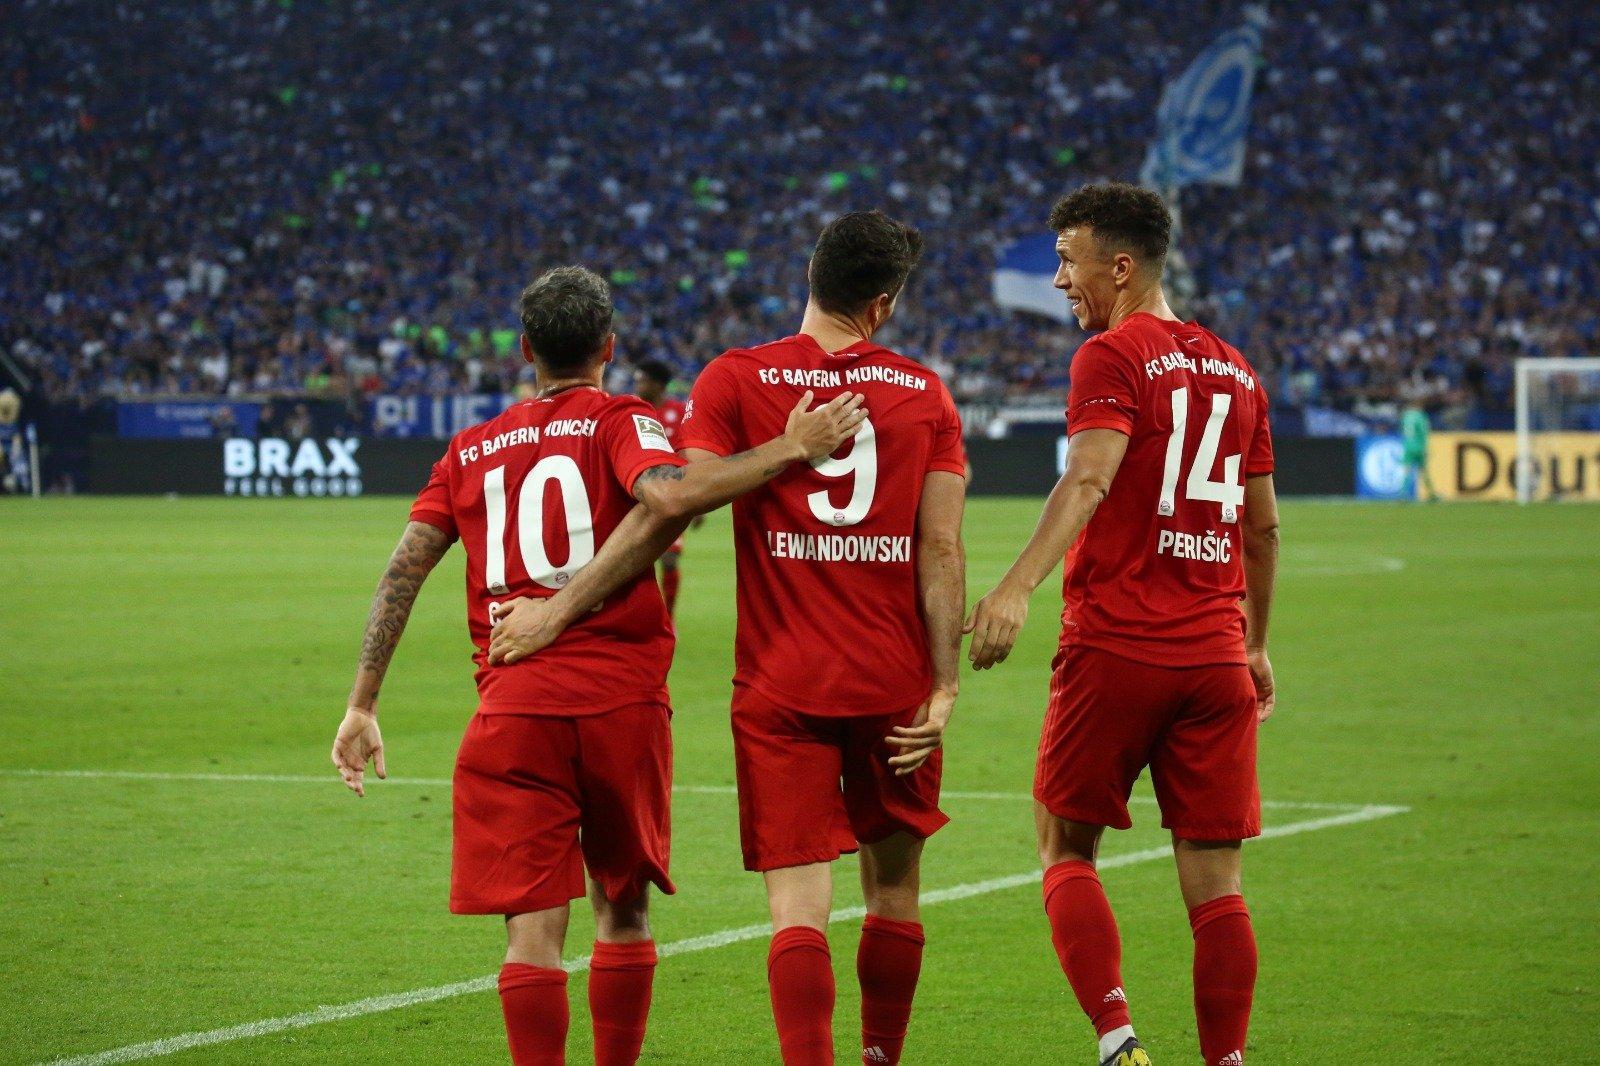 Шальке - Бавария 0:3. Хет-трик Левандовски, дебют Коутиньо, посредственный Шальке - изображение 1